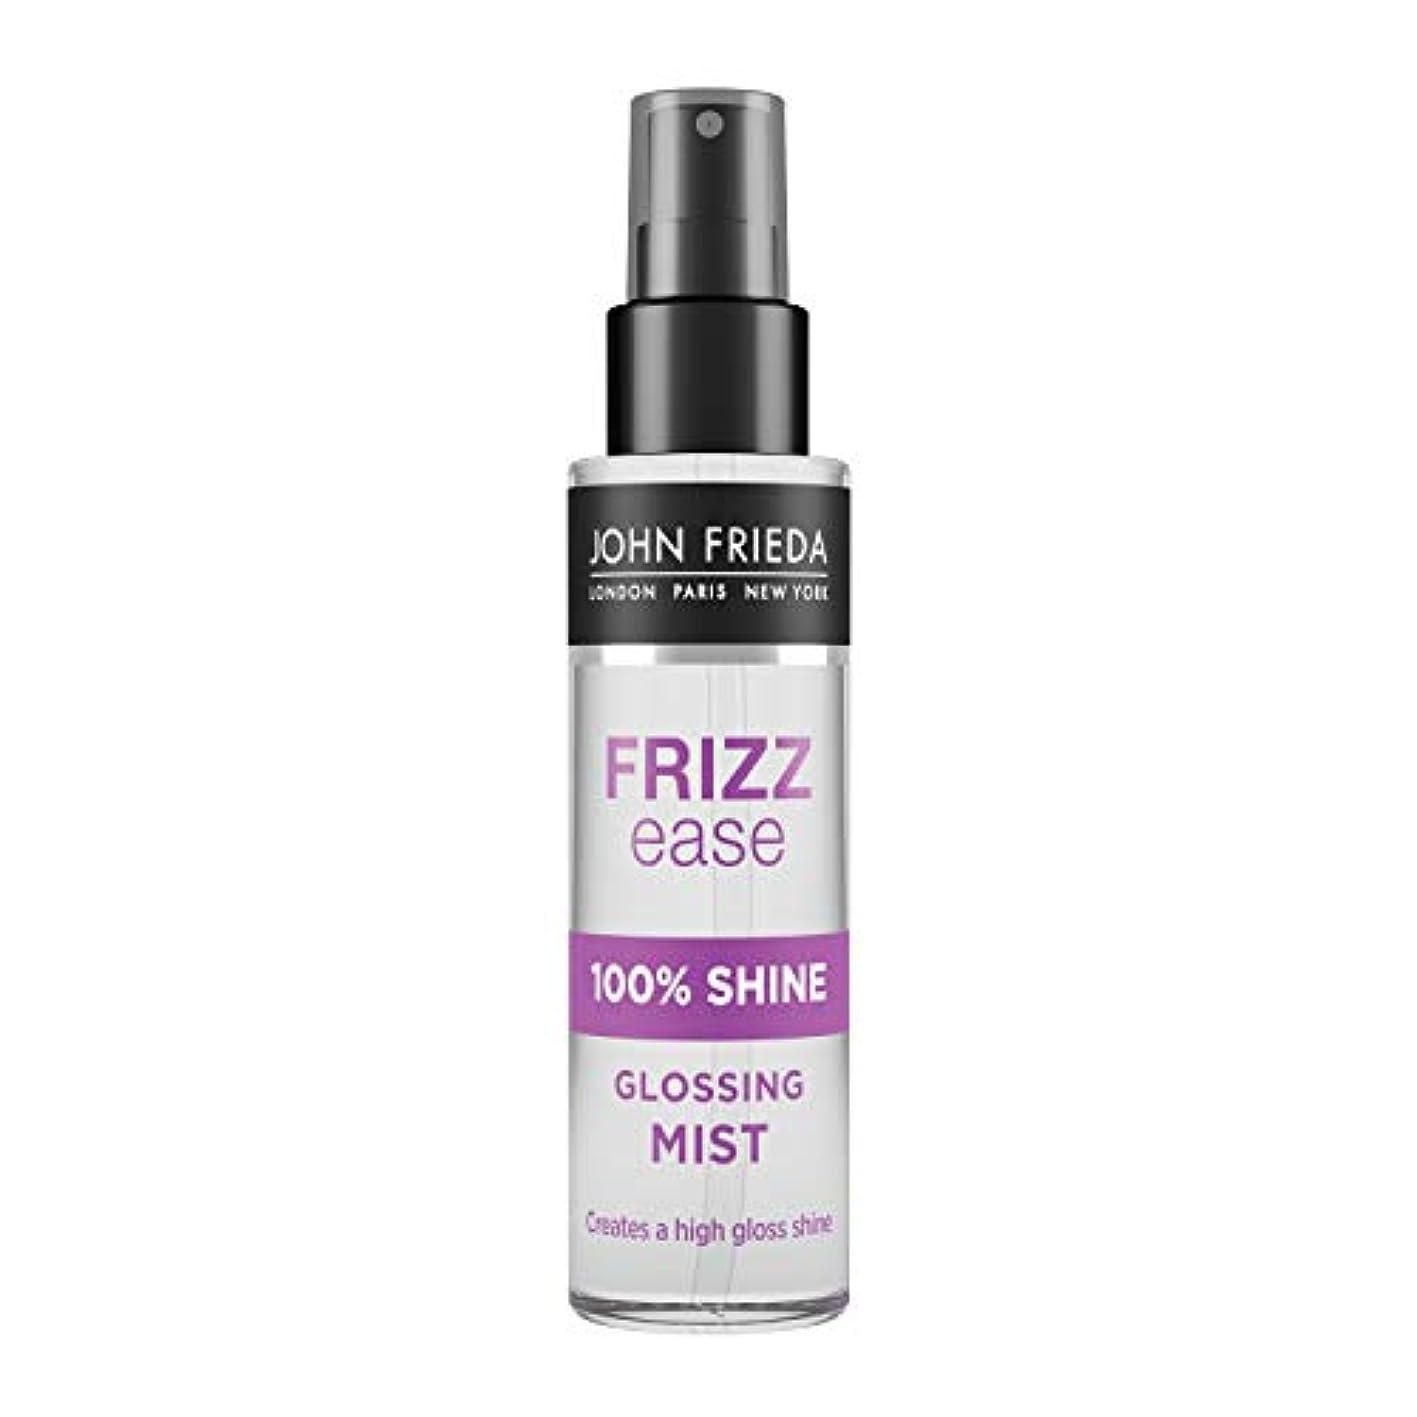 キリスト舗装定常John Frieda Frizz Ease 100% Shine Glossing Mist 75ml